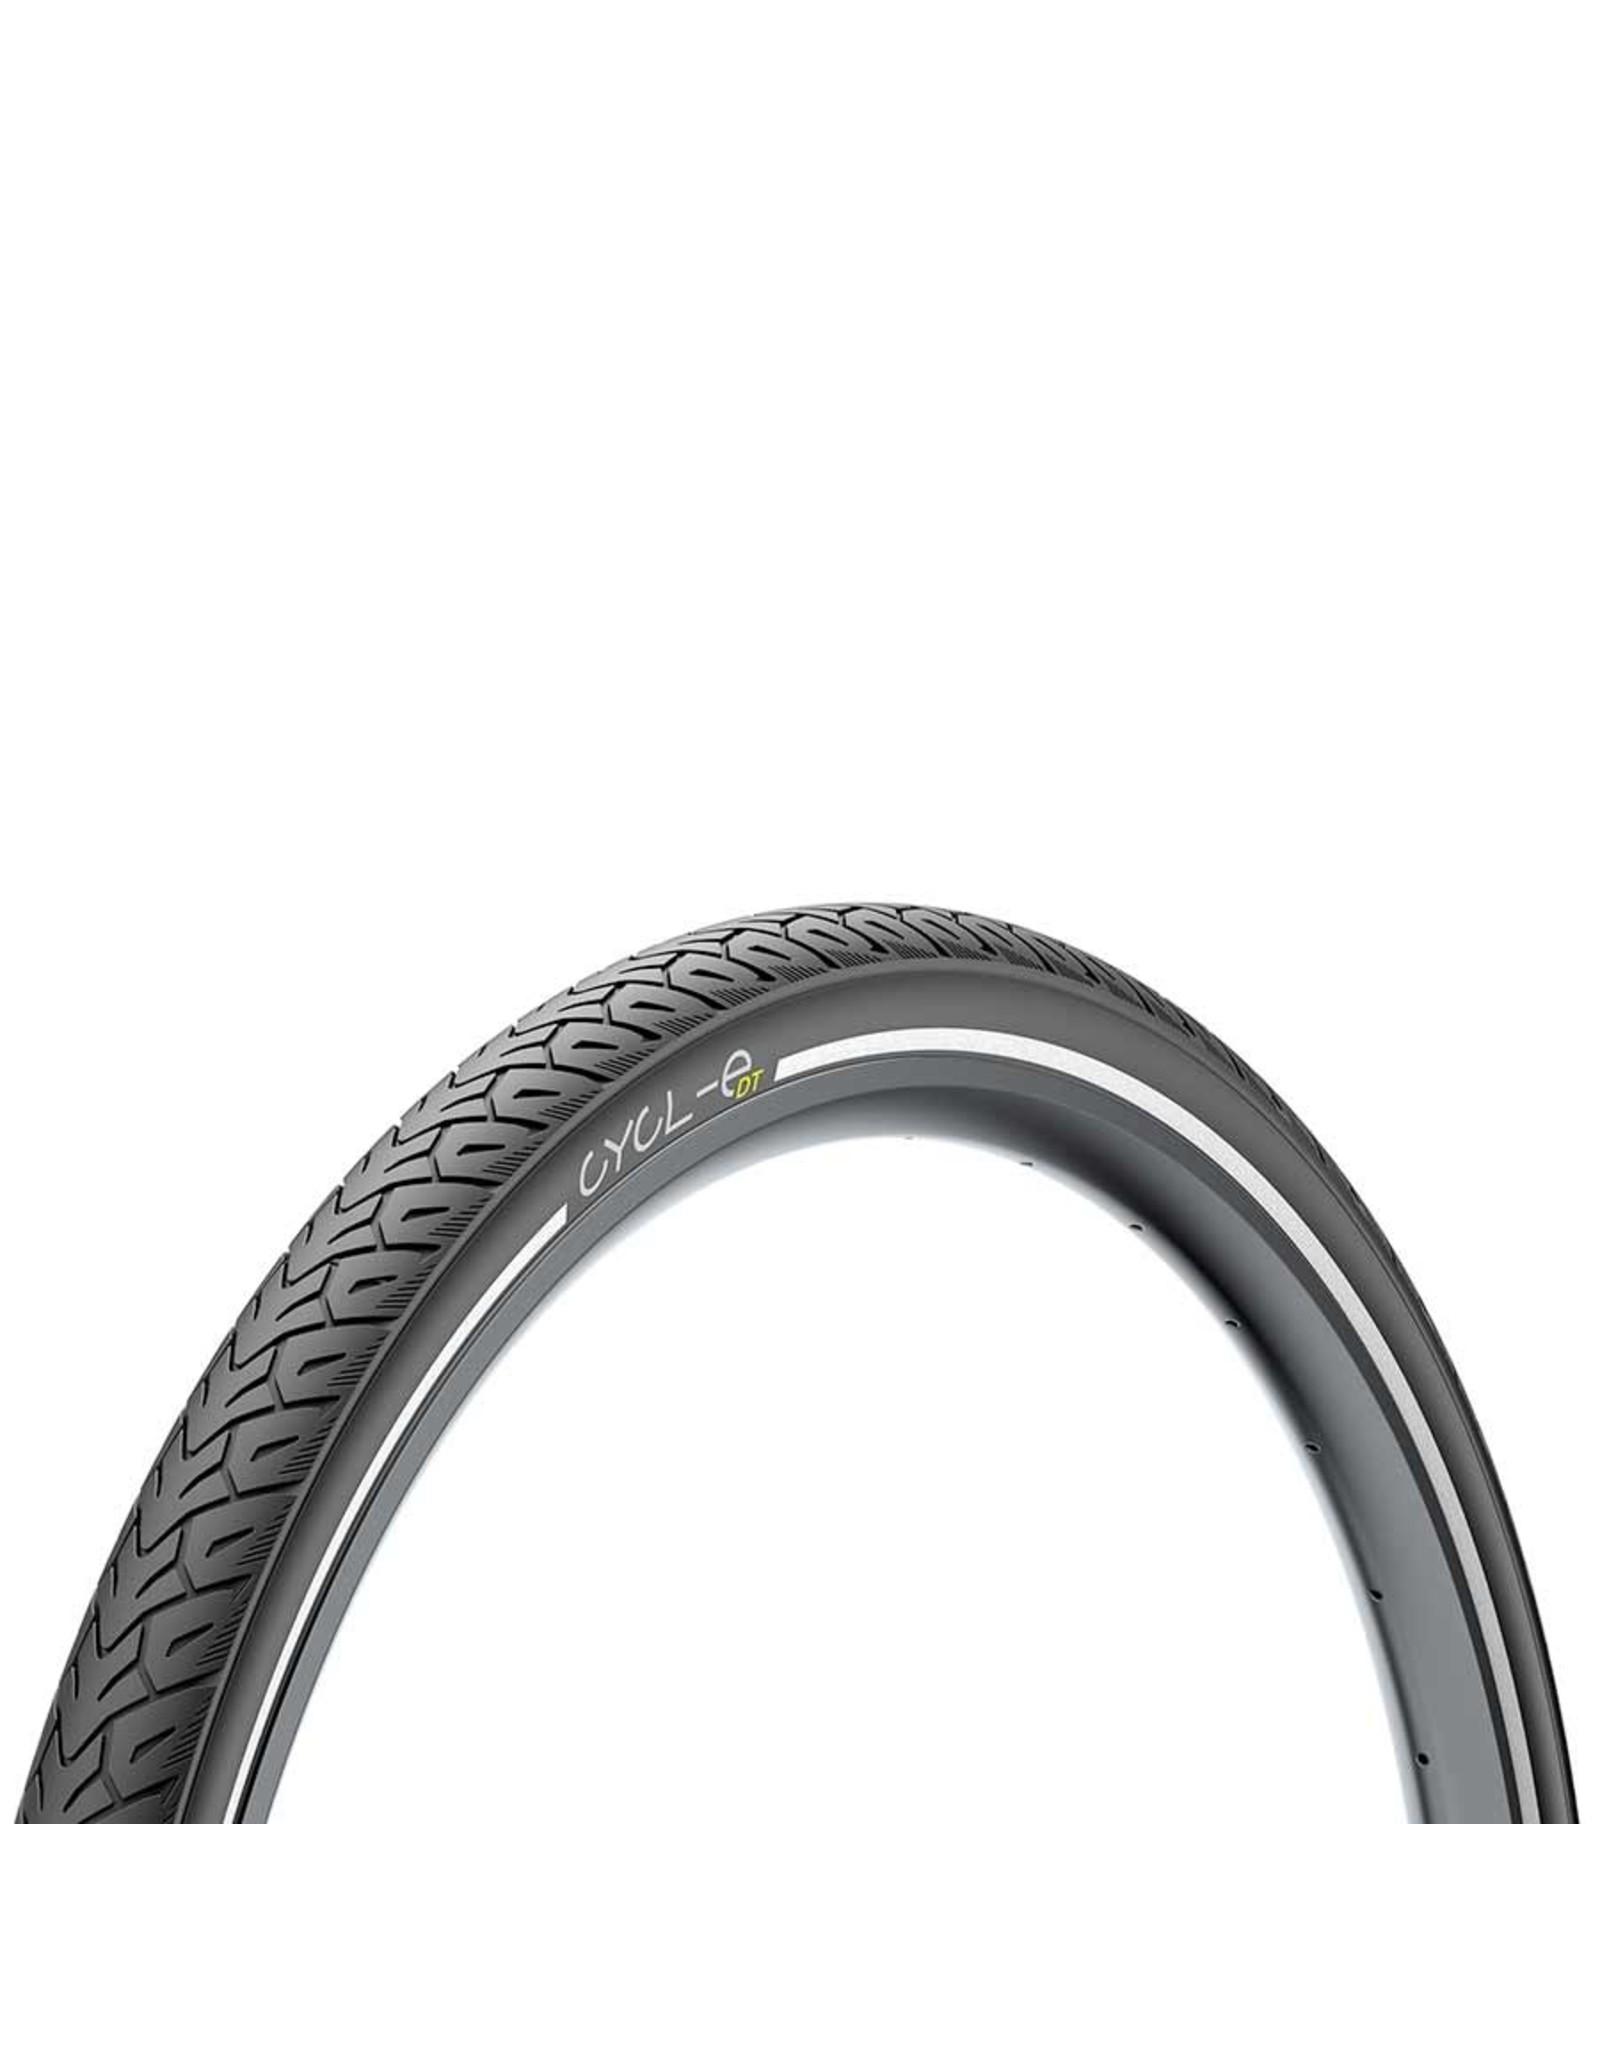 Pirelli Pirelli, Cycl-e DT, Tire, 700x50C, Wire, Clincher, Black